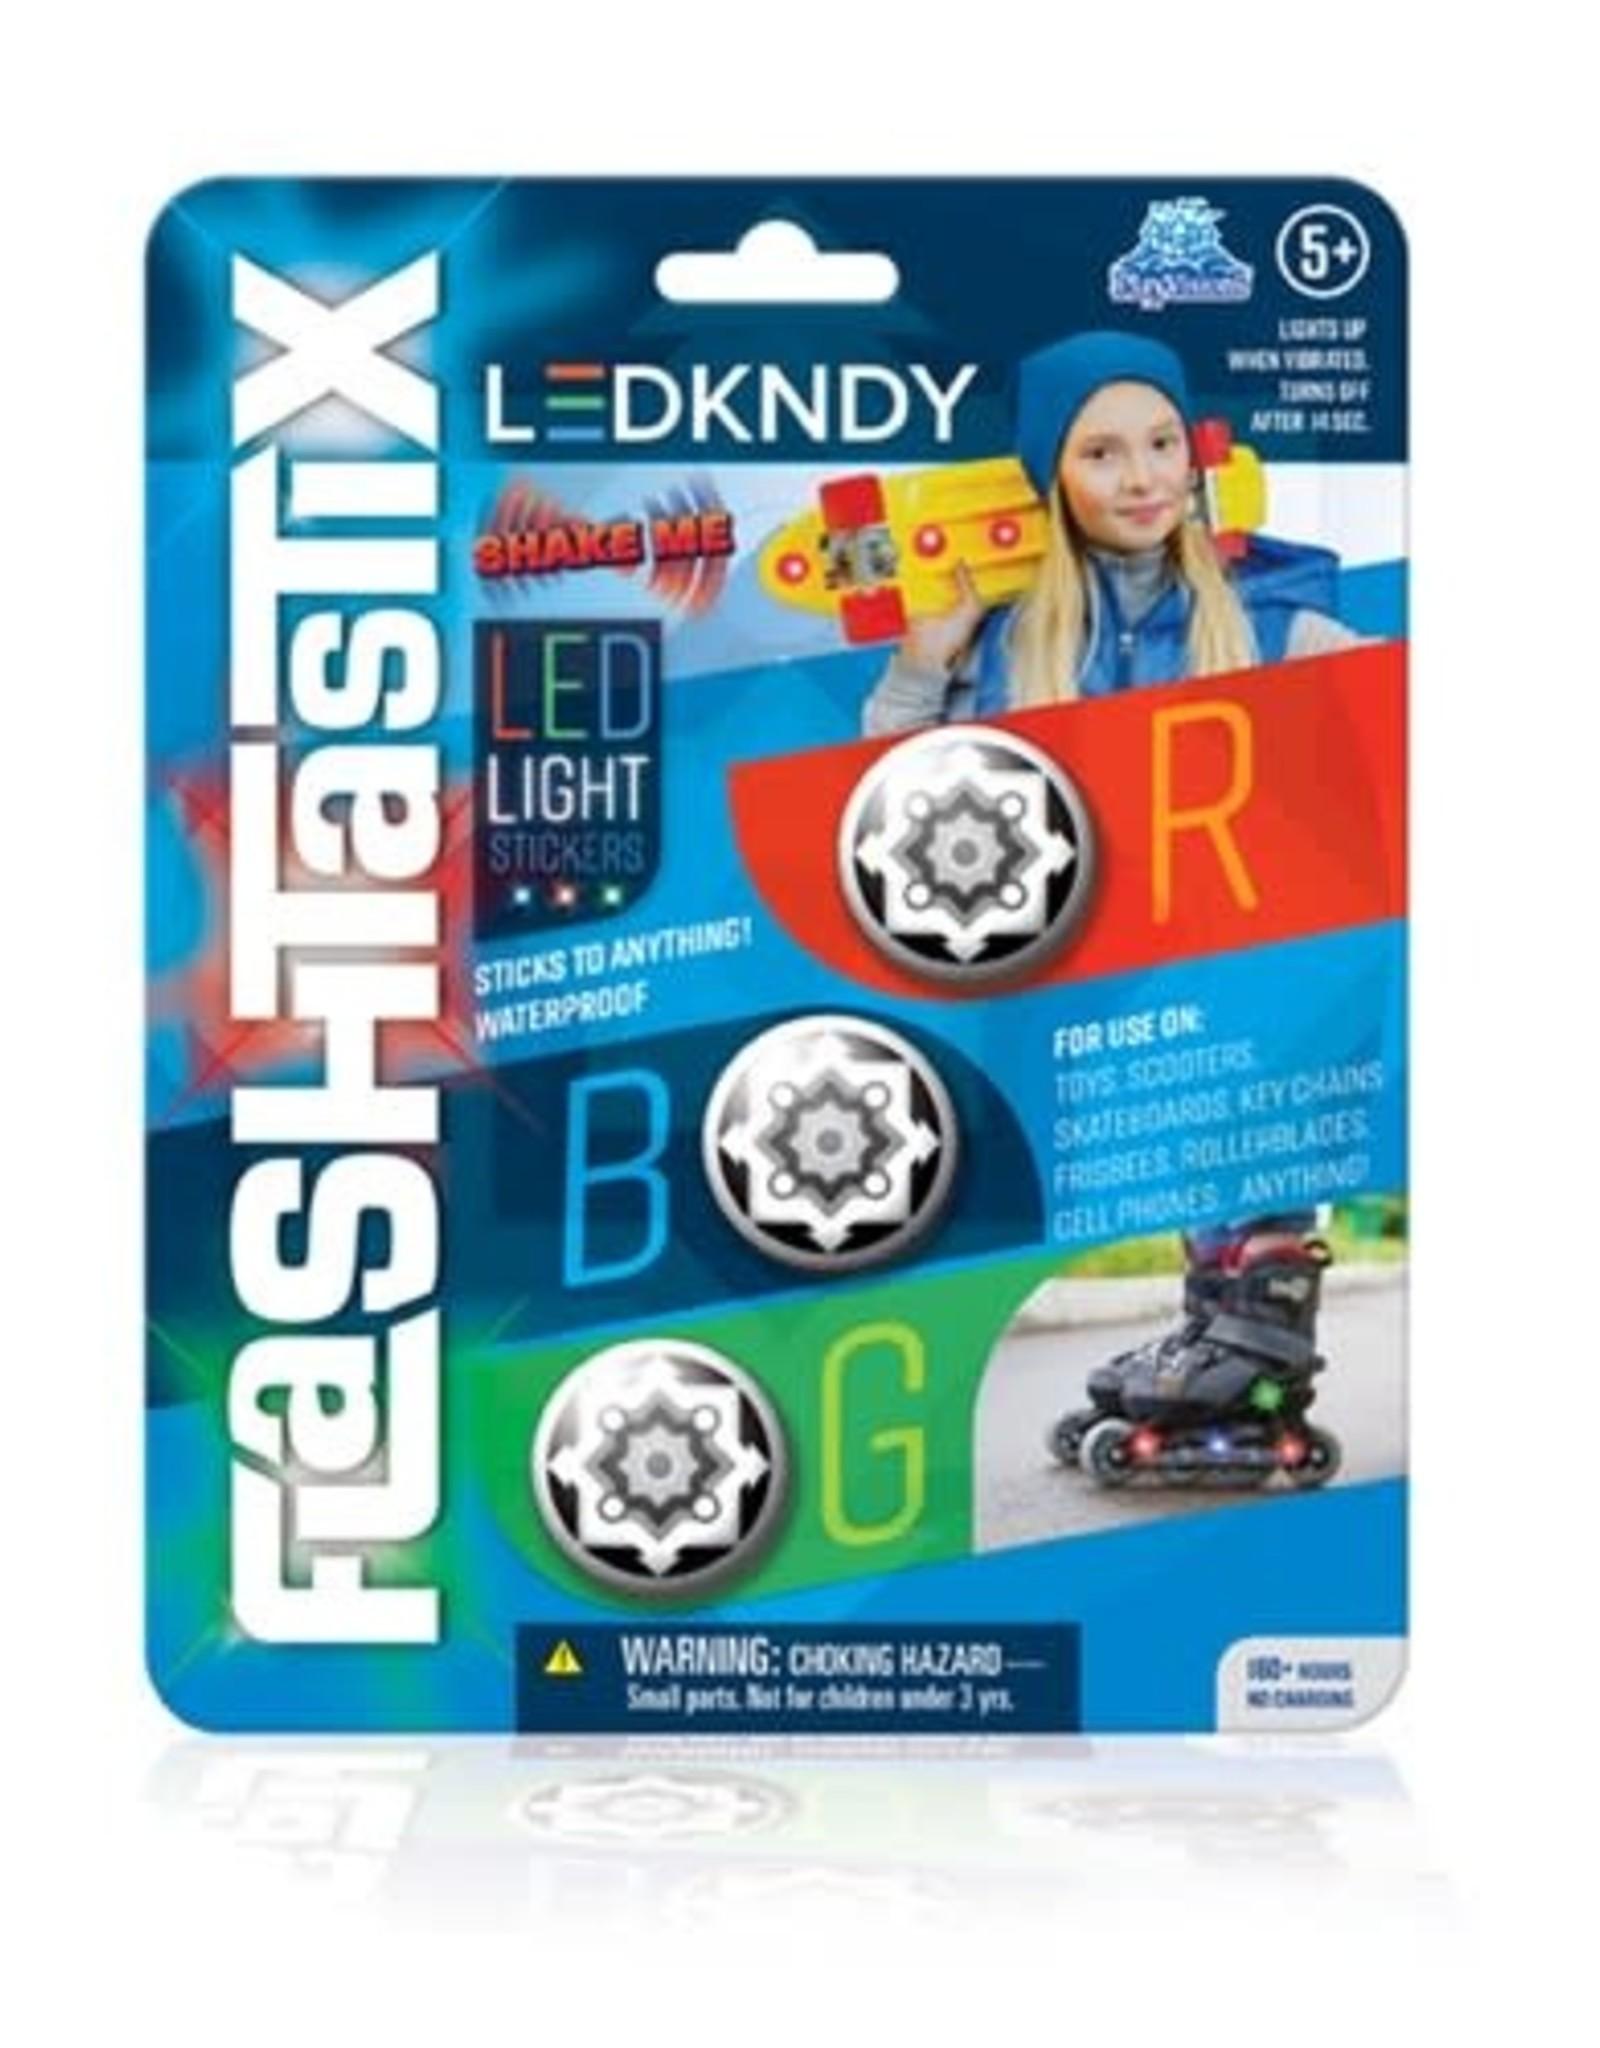 LEDKNDY Flashtastix Led Kndy